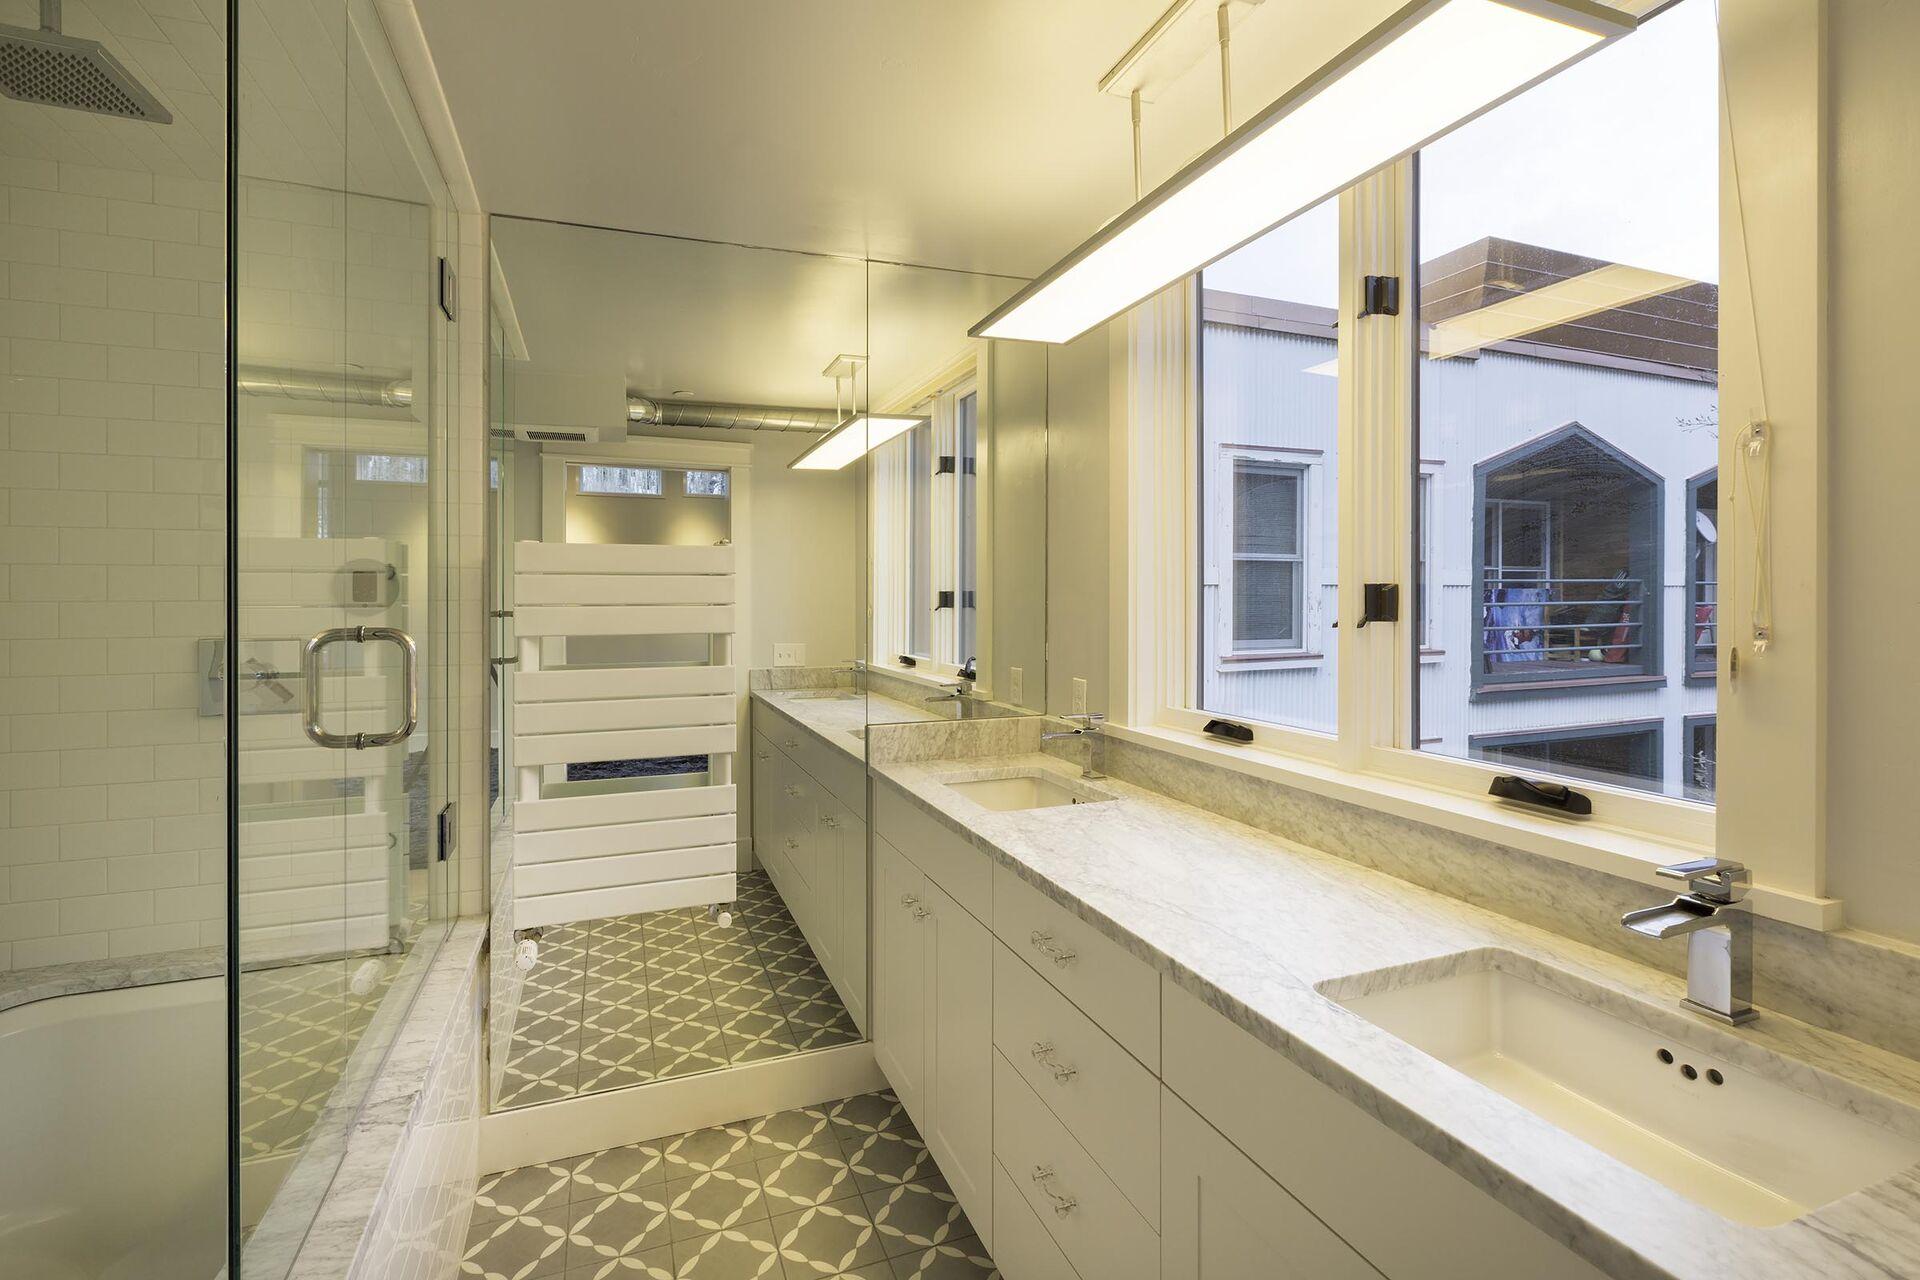 a spacious bathroom with sinks